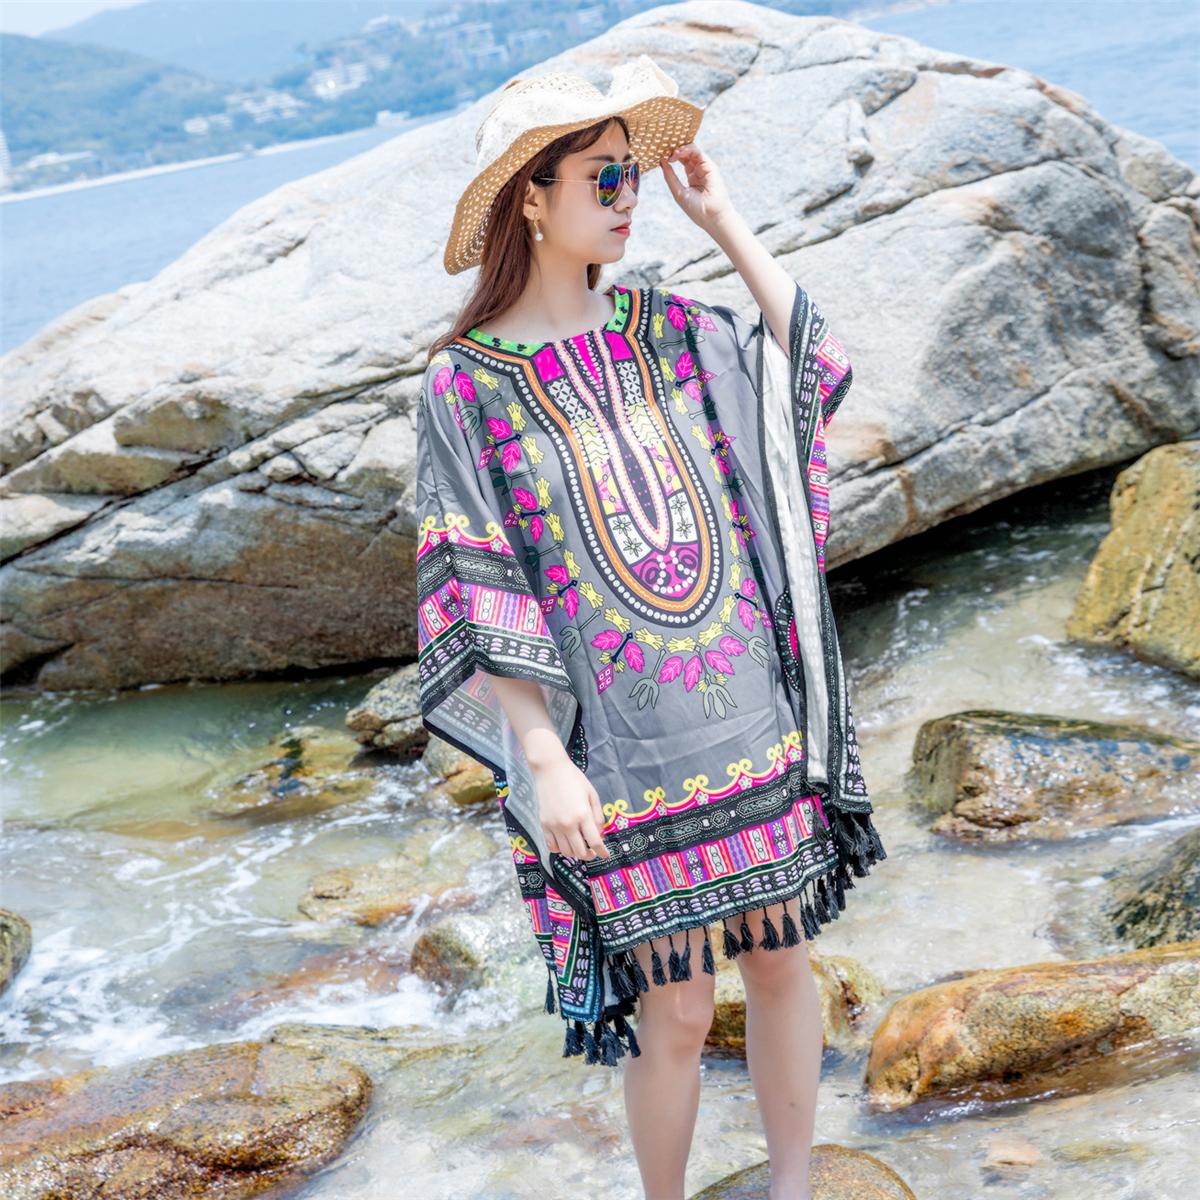 0801#泰国女装长裙夏季波西米亚连衣裙巴厘岛海边海滩度假沙滩裙